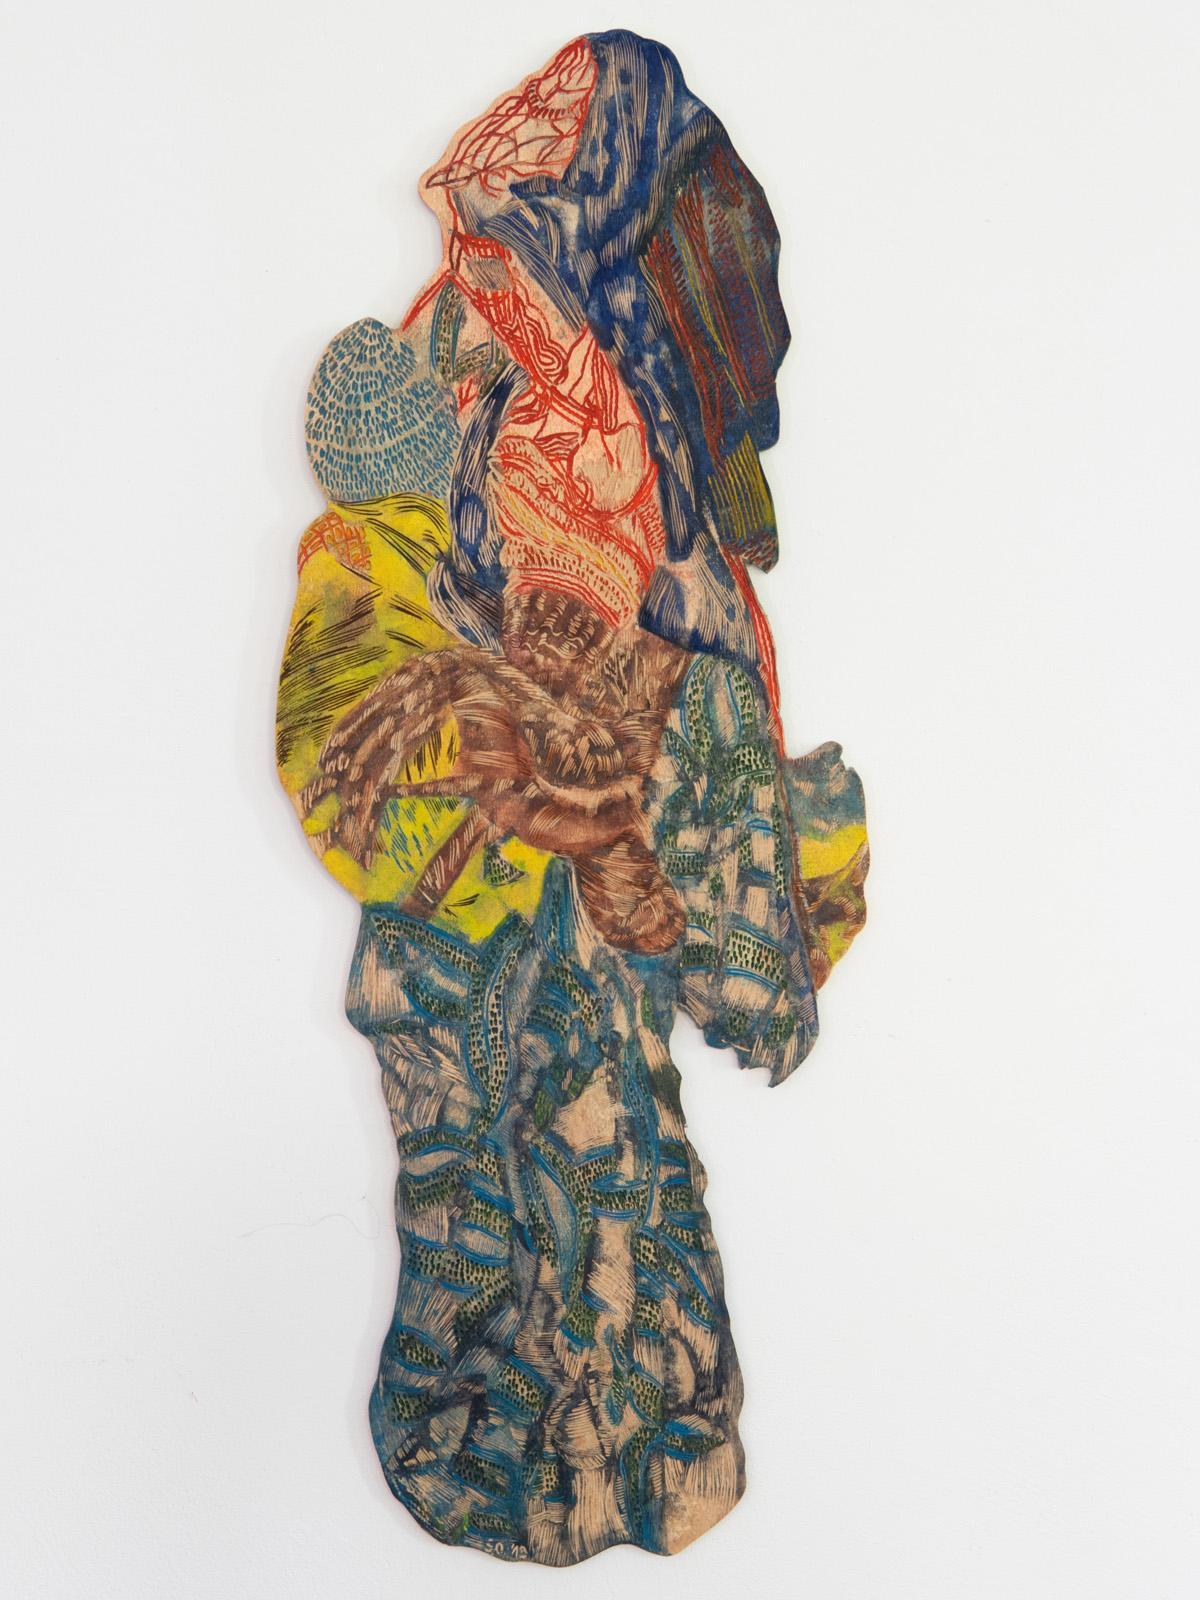 Unterwegs II, 2019, 89 x 34 cm, Linolschnitt, Alkydfarbe